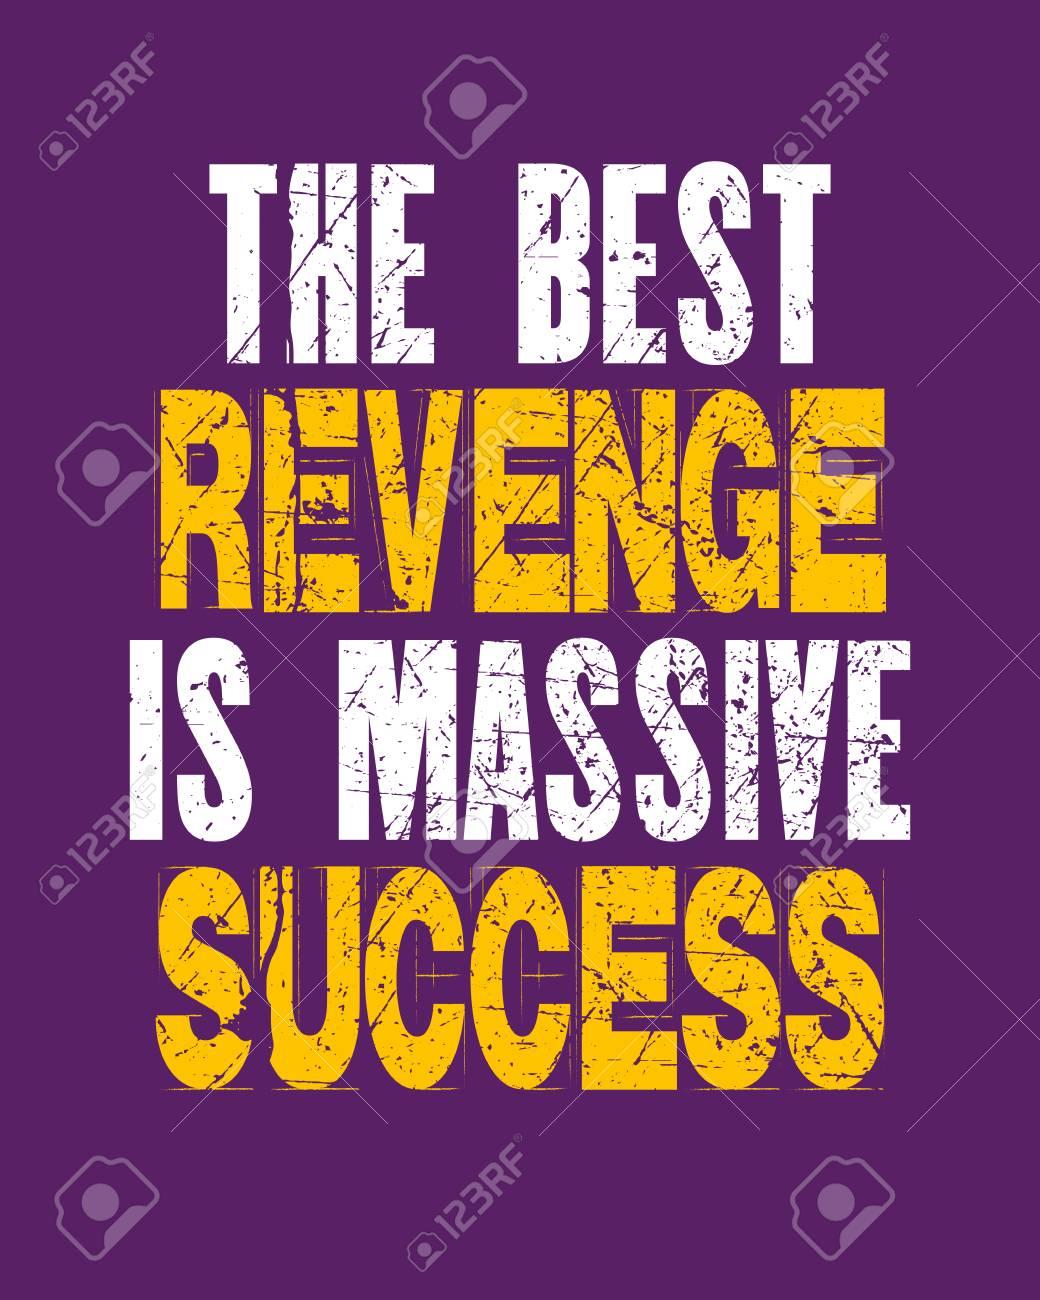 Citation De Motivation Inspirante Avec Texte La Meilleure Vengeance Est Un Succès Massif Affiche De Typographie De Vecteur Et Concept De Design De